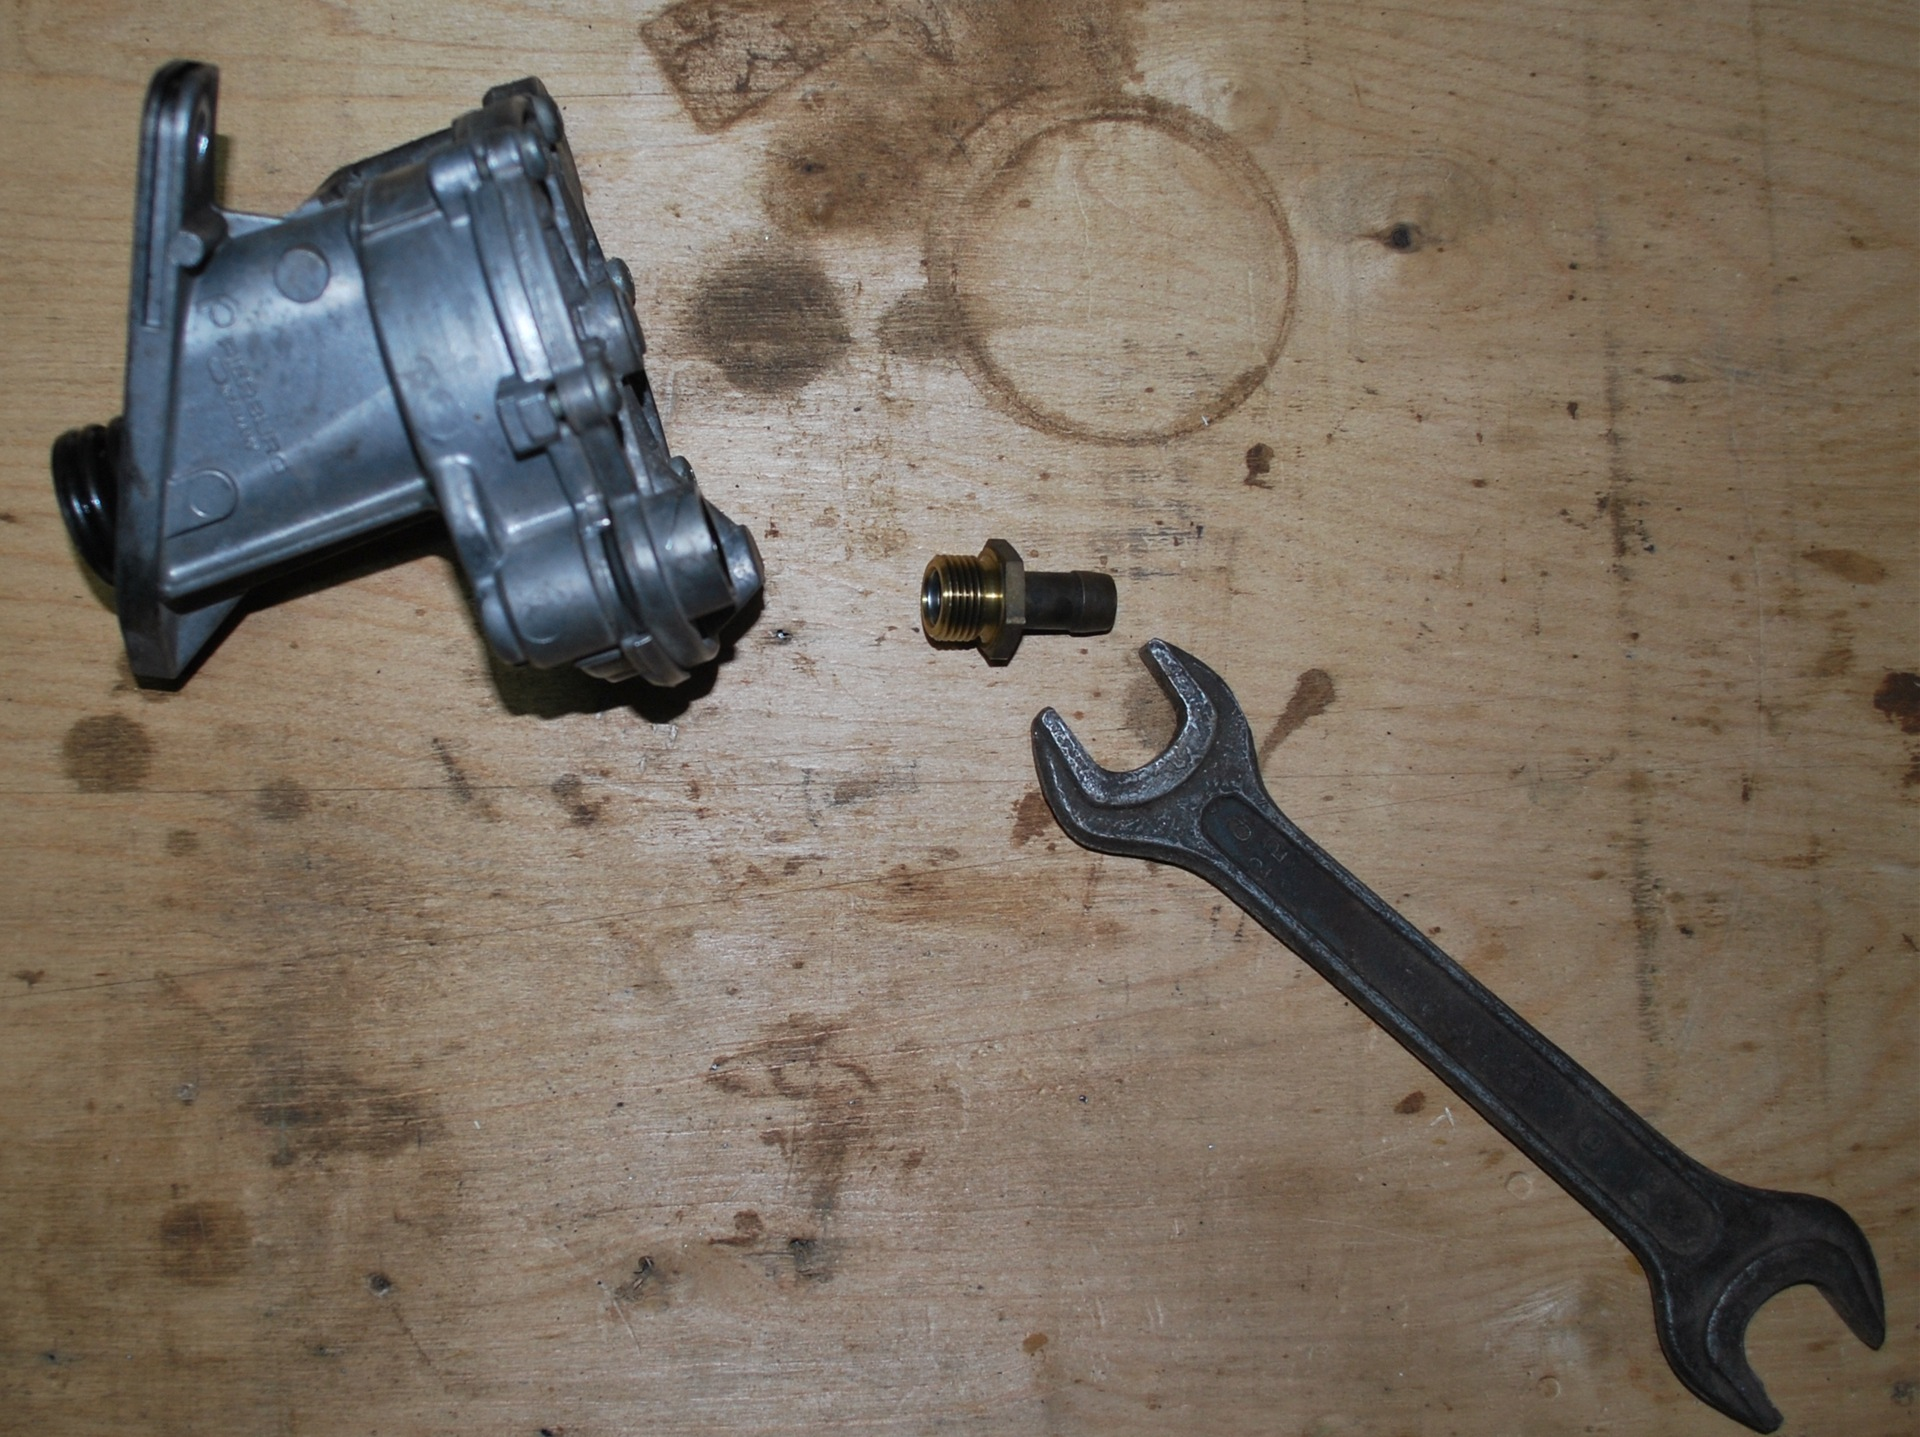 двигатель аке 2 5 инструкция как установить метки с фото